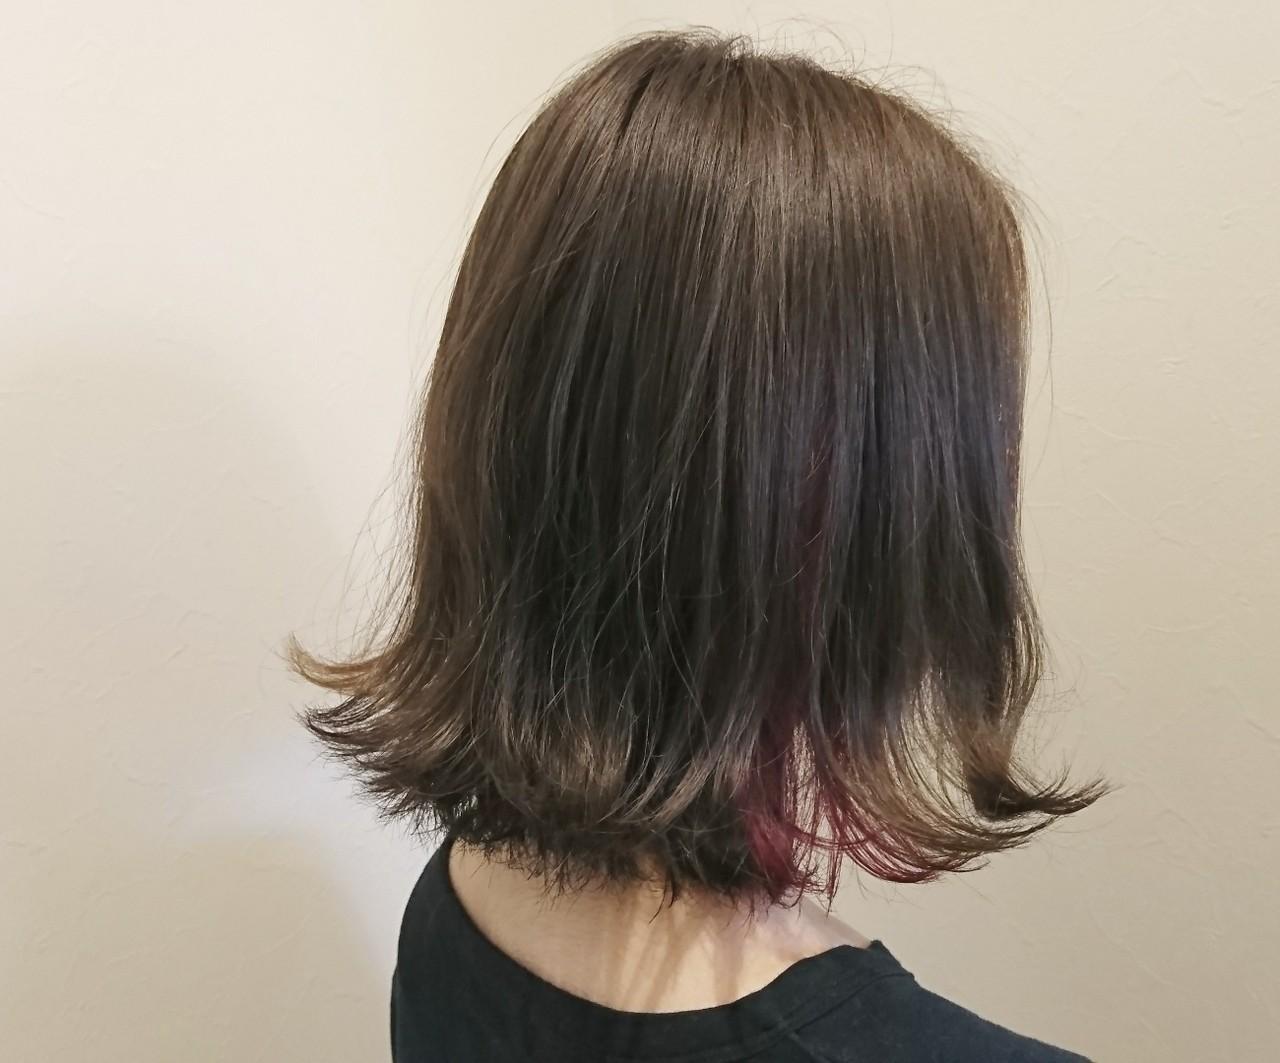 ☆ベースカラーはスモーキーグレーで日本人特有の赤味を消して柔らかな髪質感を ☆耳周りに入れたインナーカラーのピンクがポイントのお洒落ヘアー